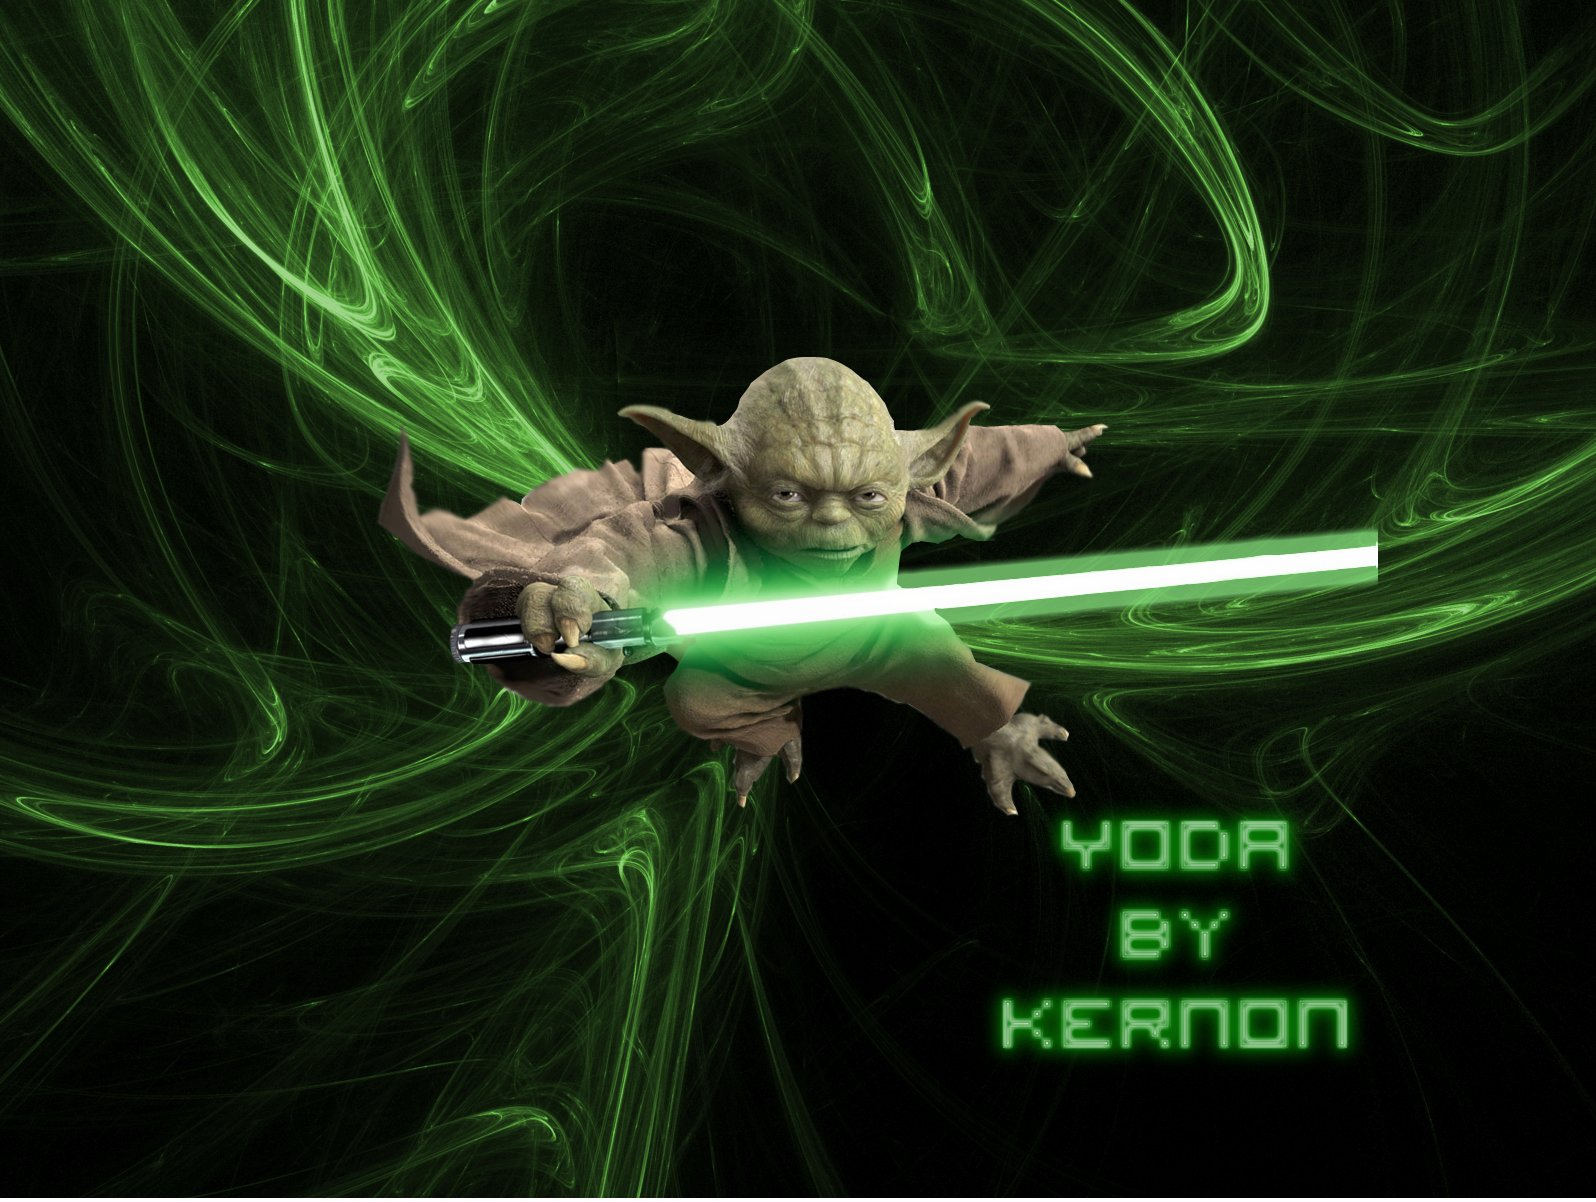 Yoda By Kernon